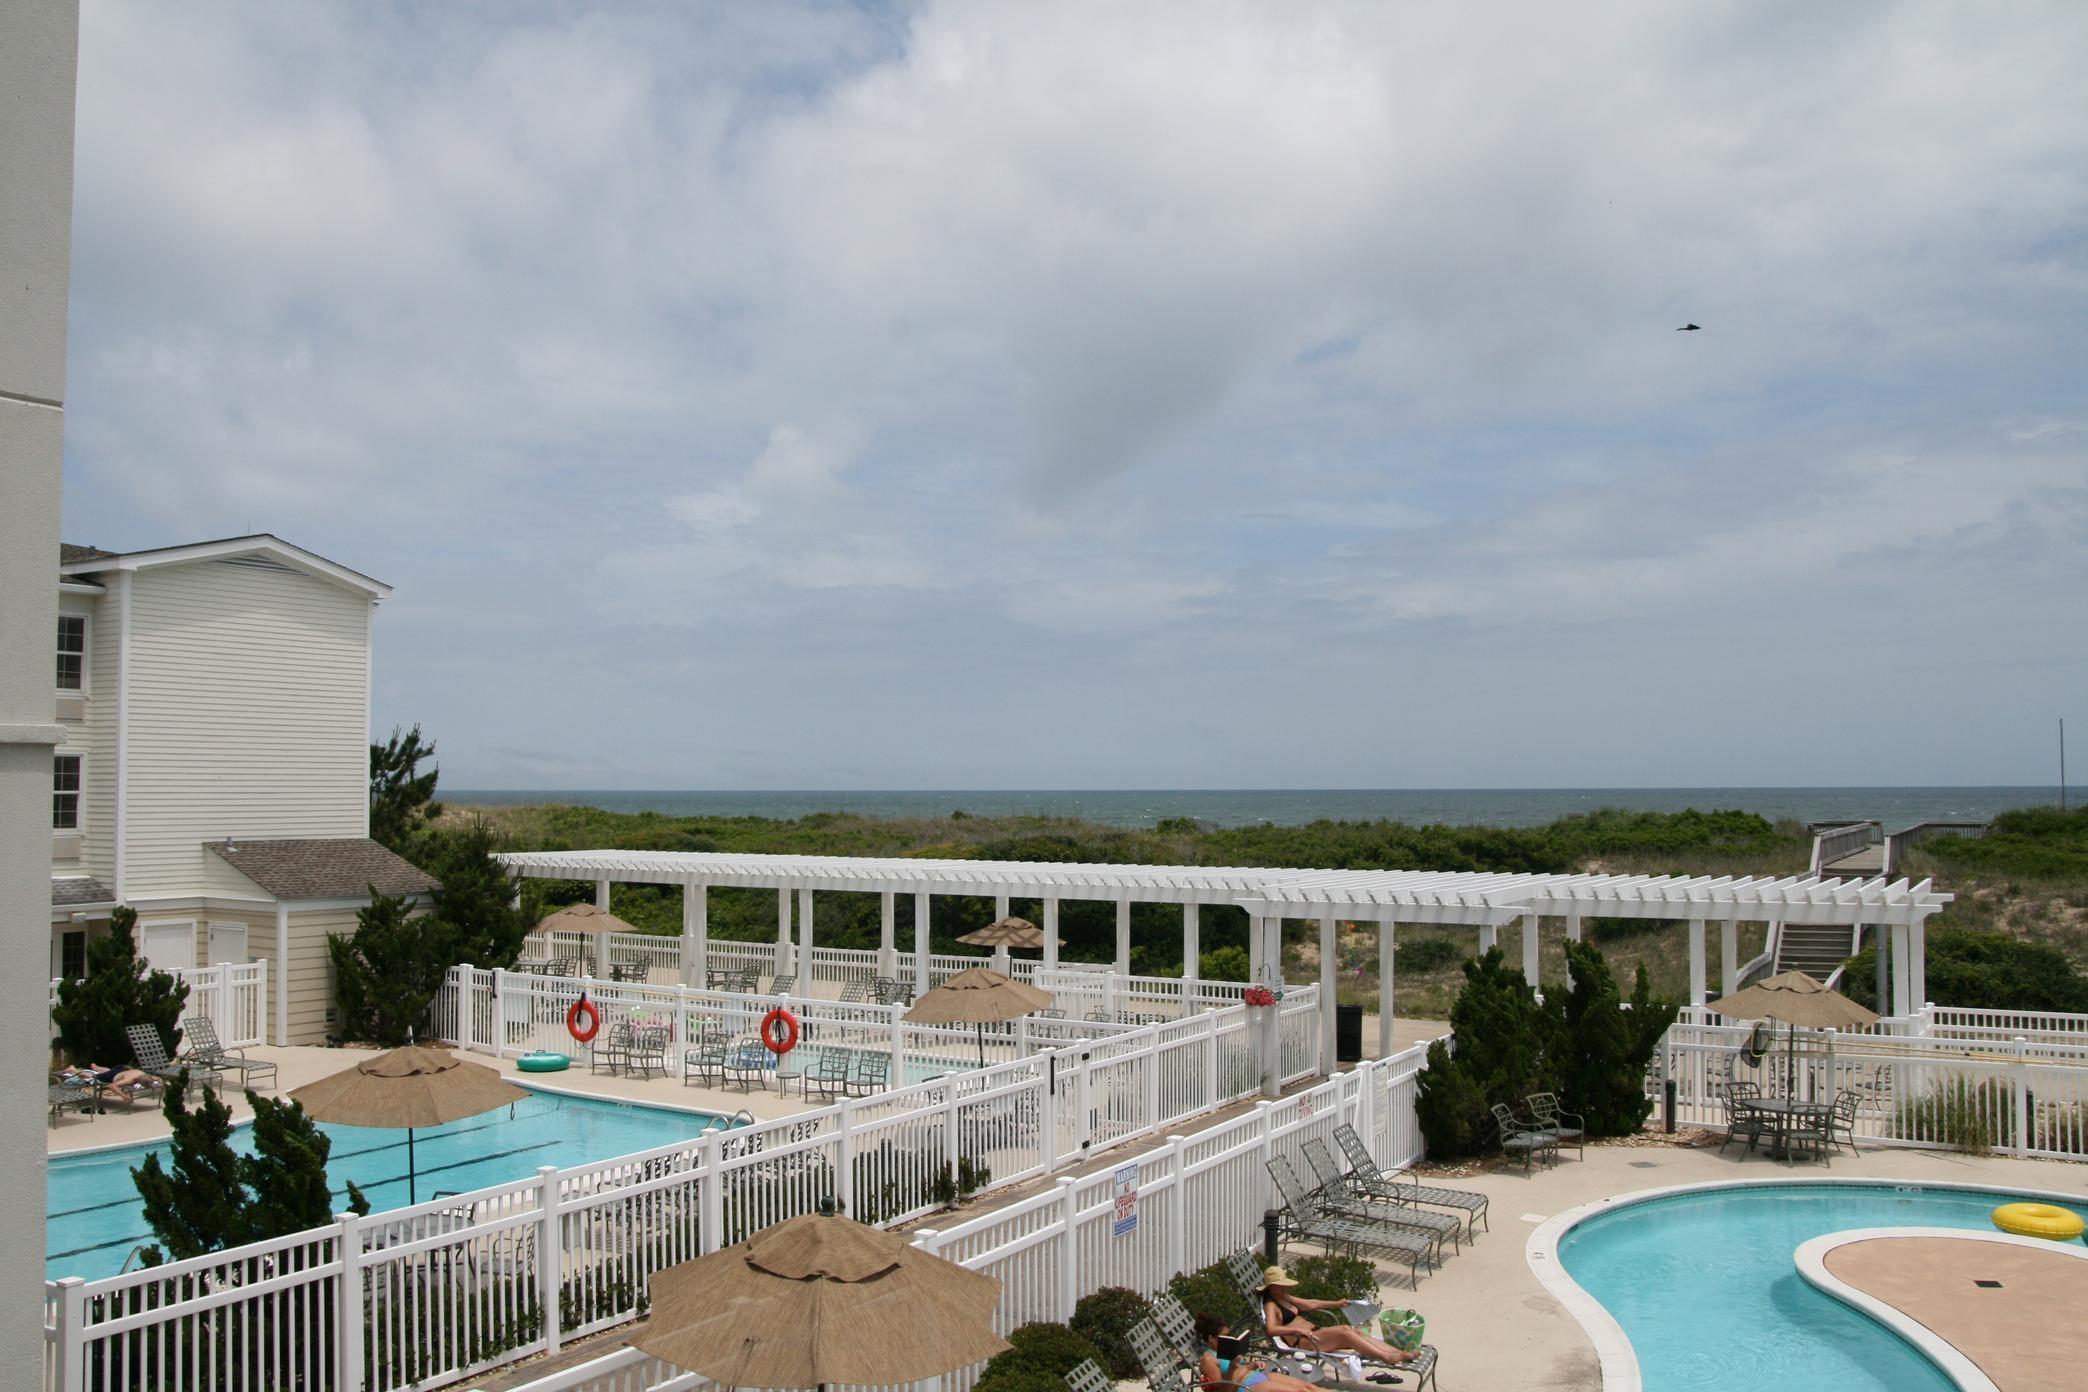 Corolla Nc Hotels And Motels